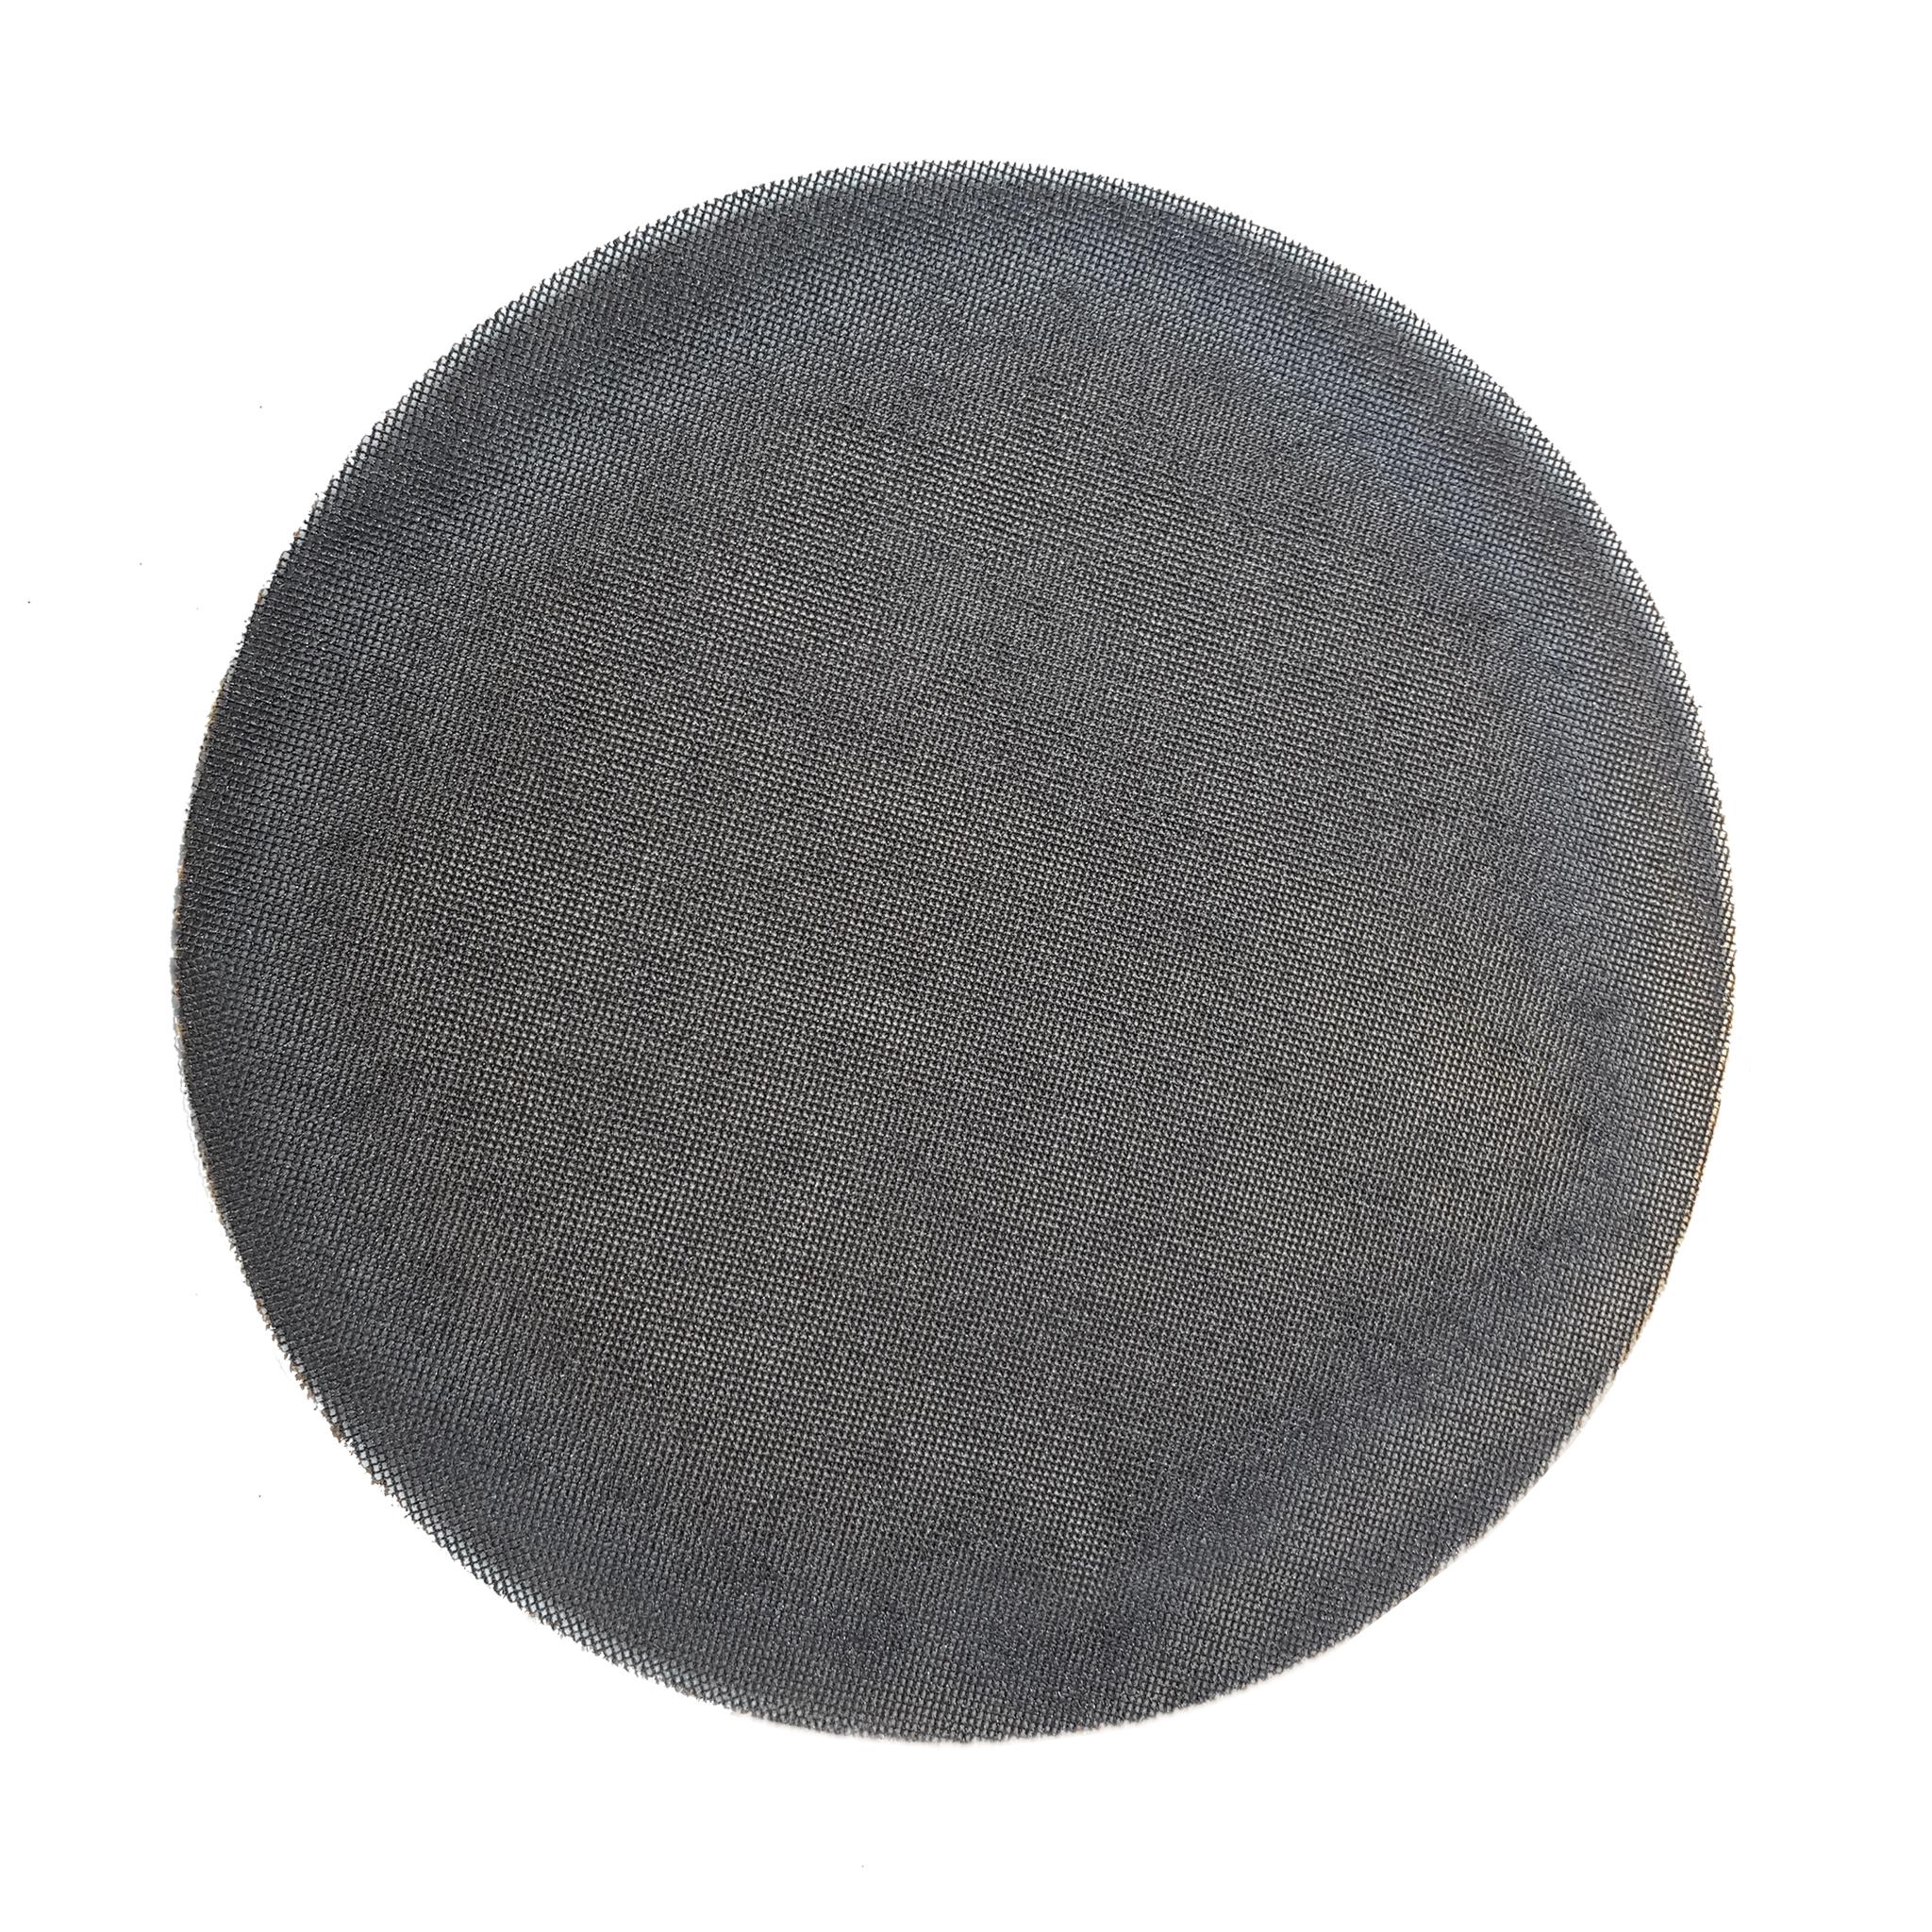 K 180 sanding disc for floor processing